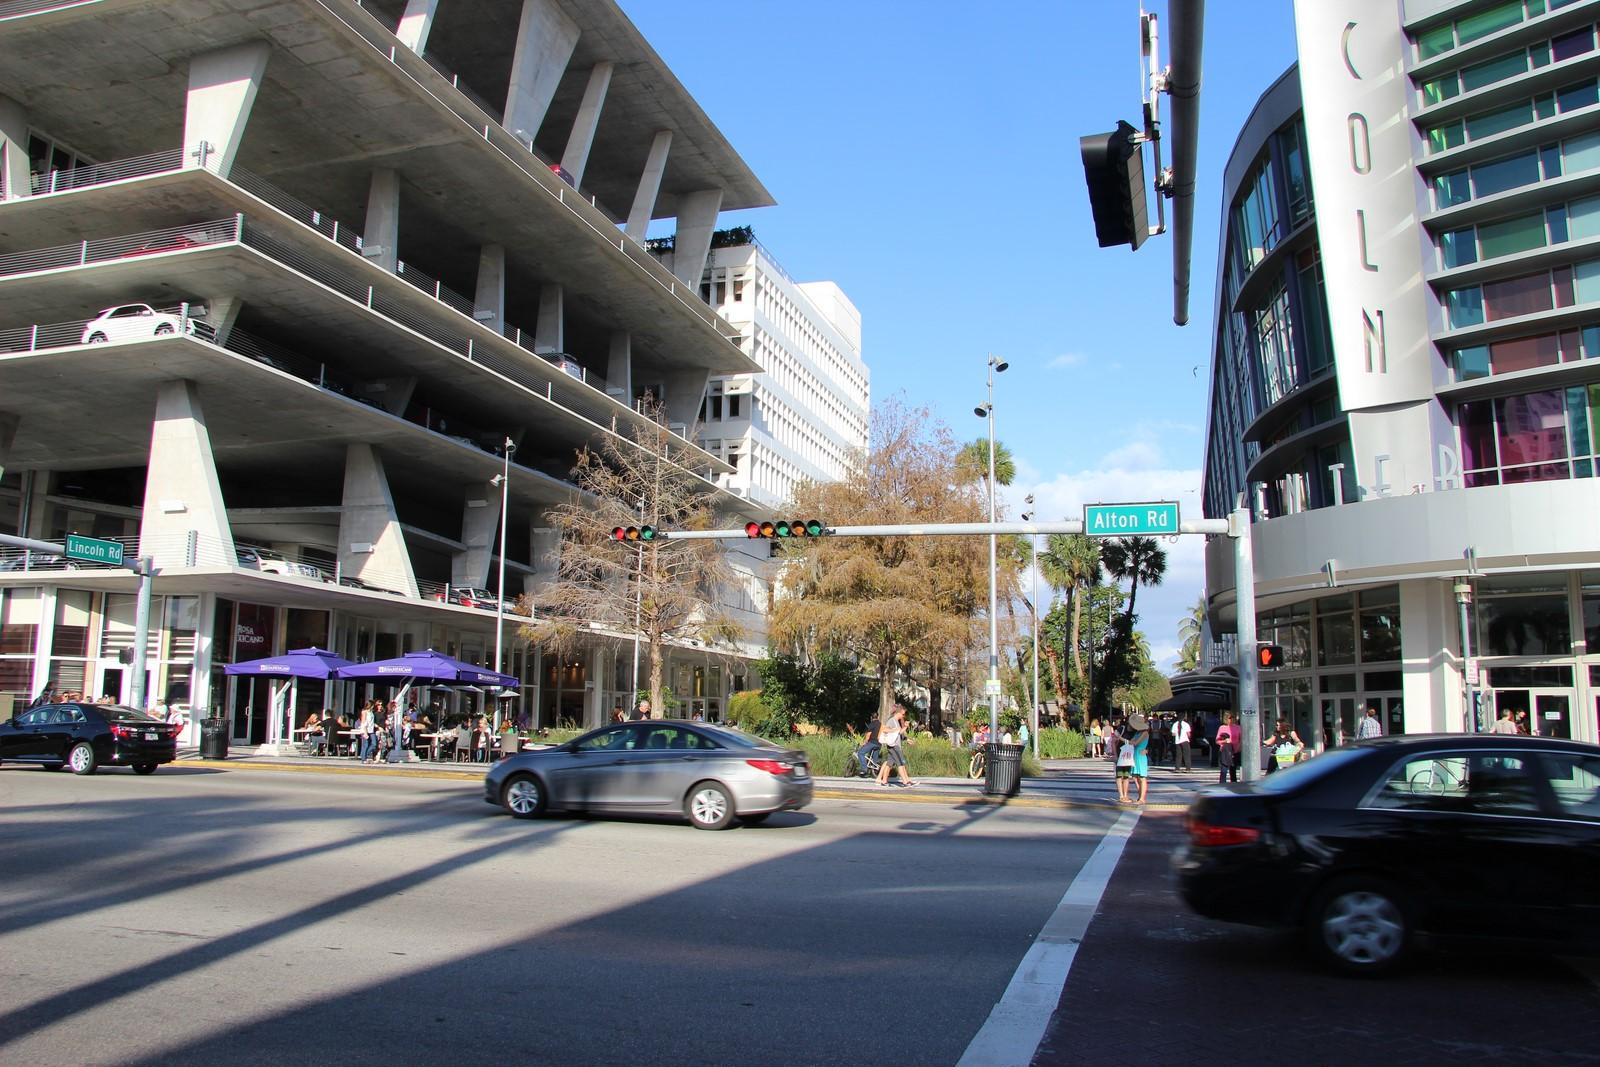 Miami road